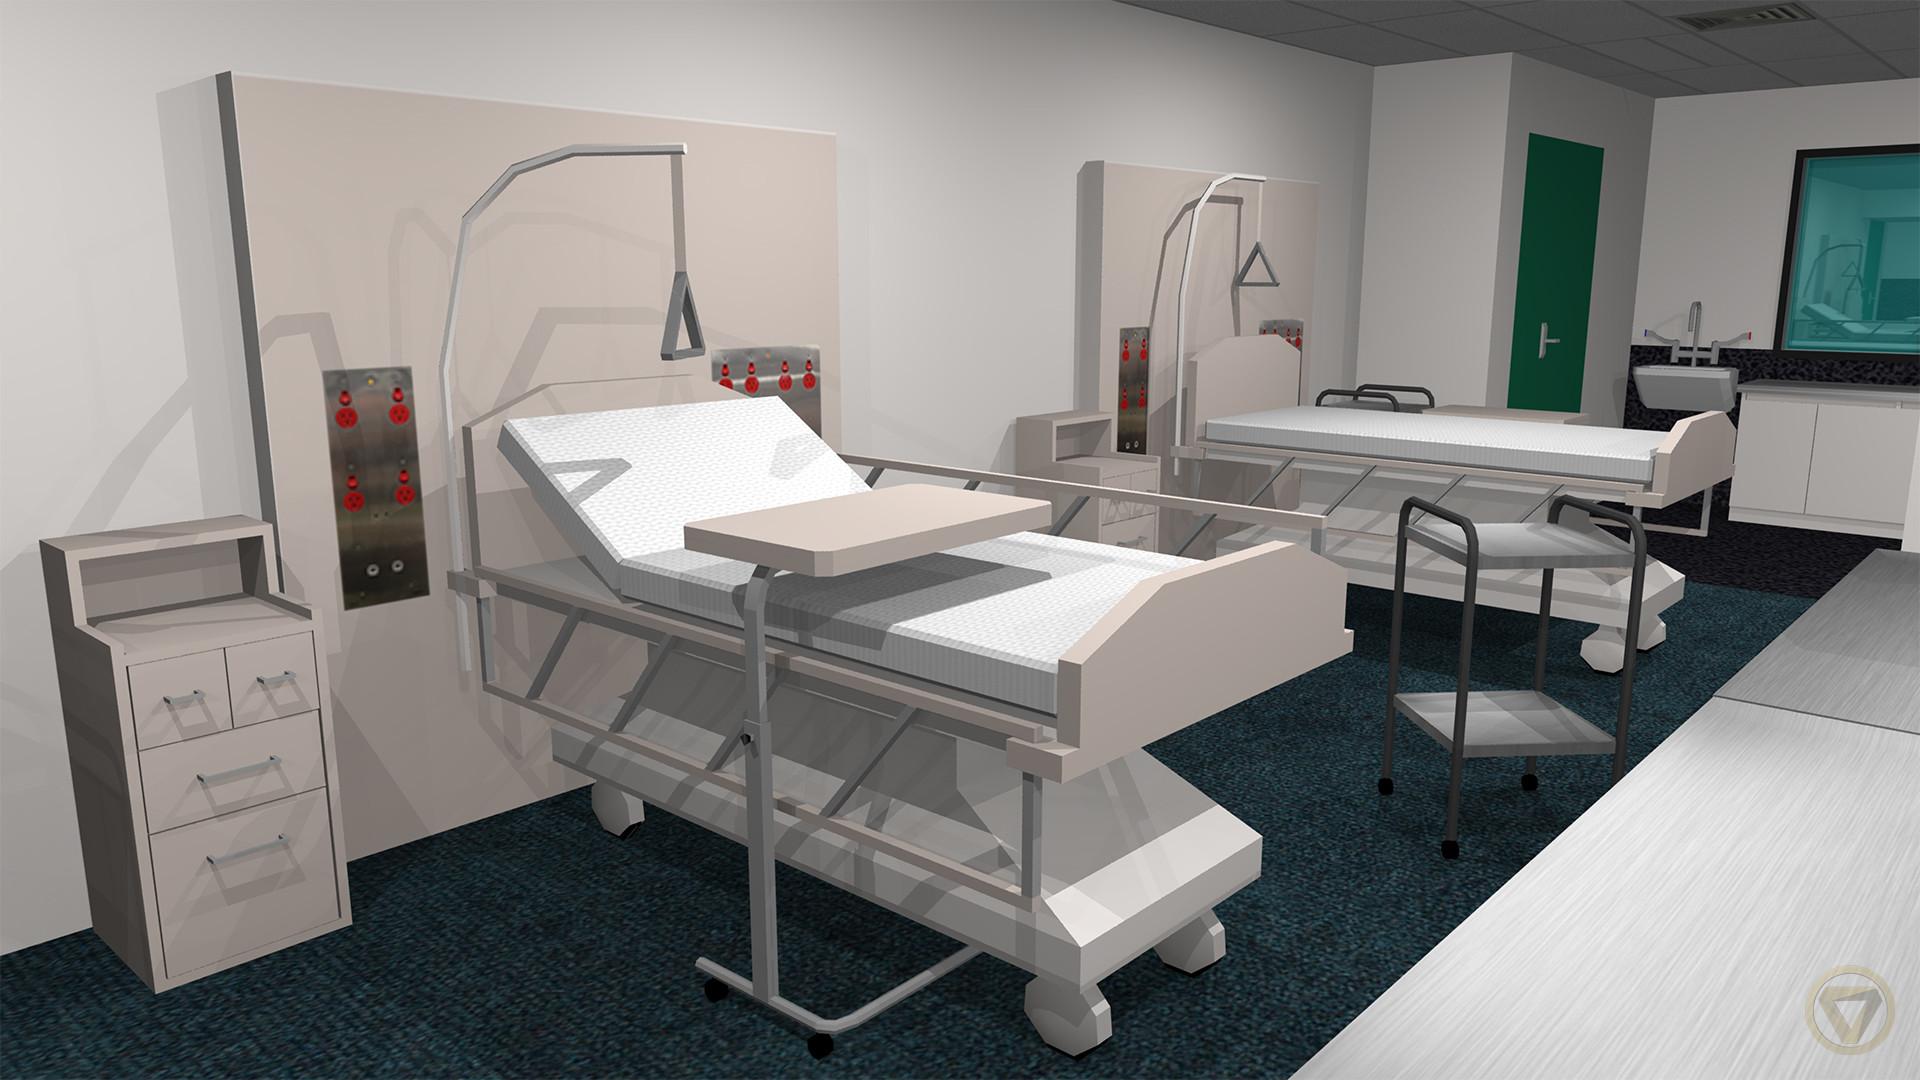 Caine lanigan nursing room 3